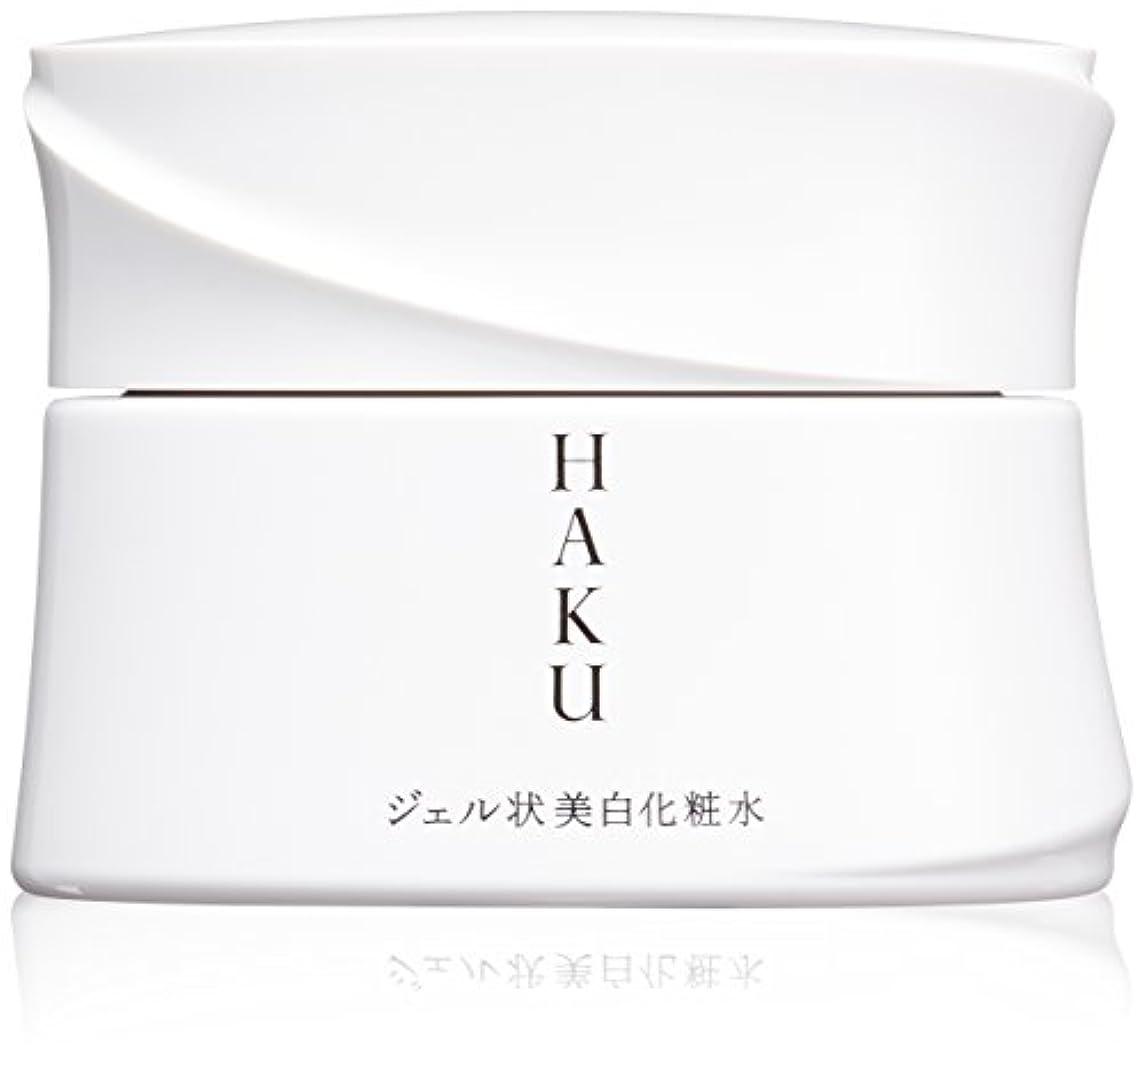 粉砕するタブレット並外れたHAKU メラノディープモイスチャー 美白化粧水 100g 【医薬部外品】